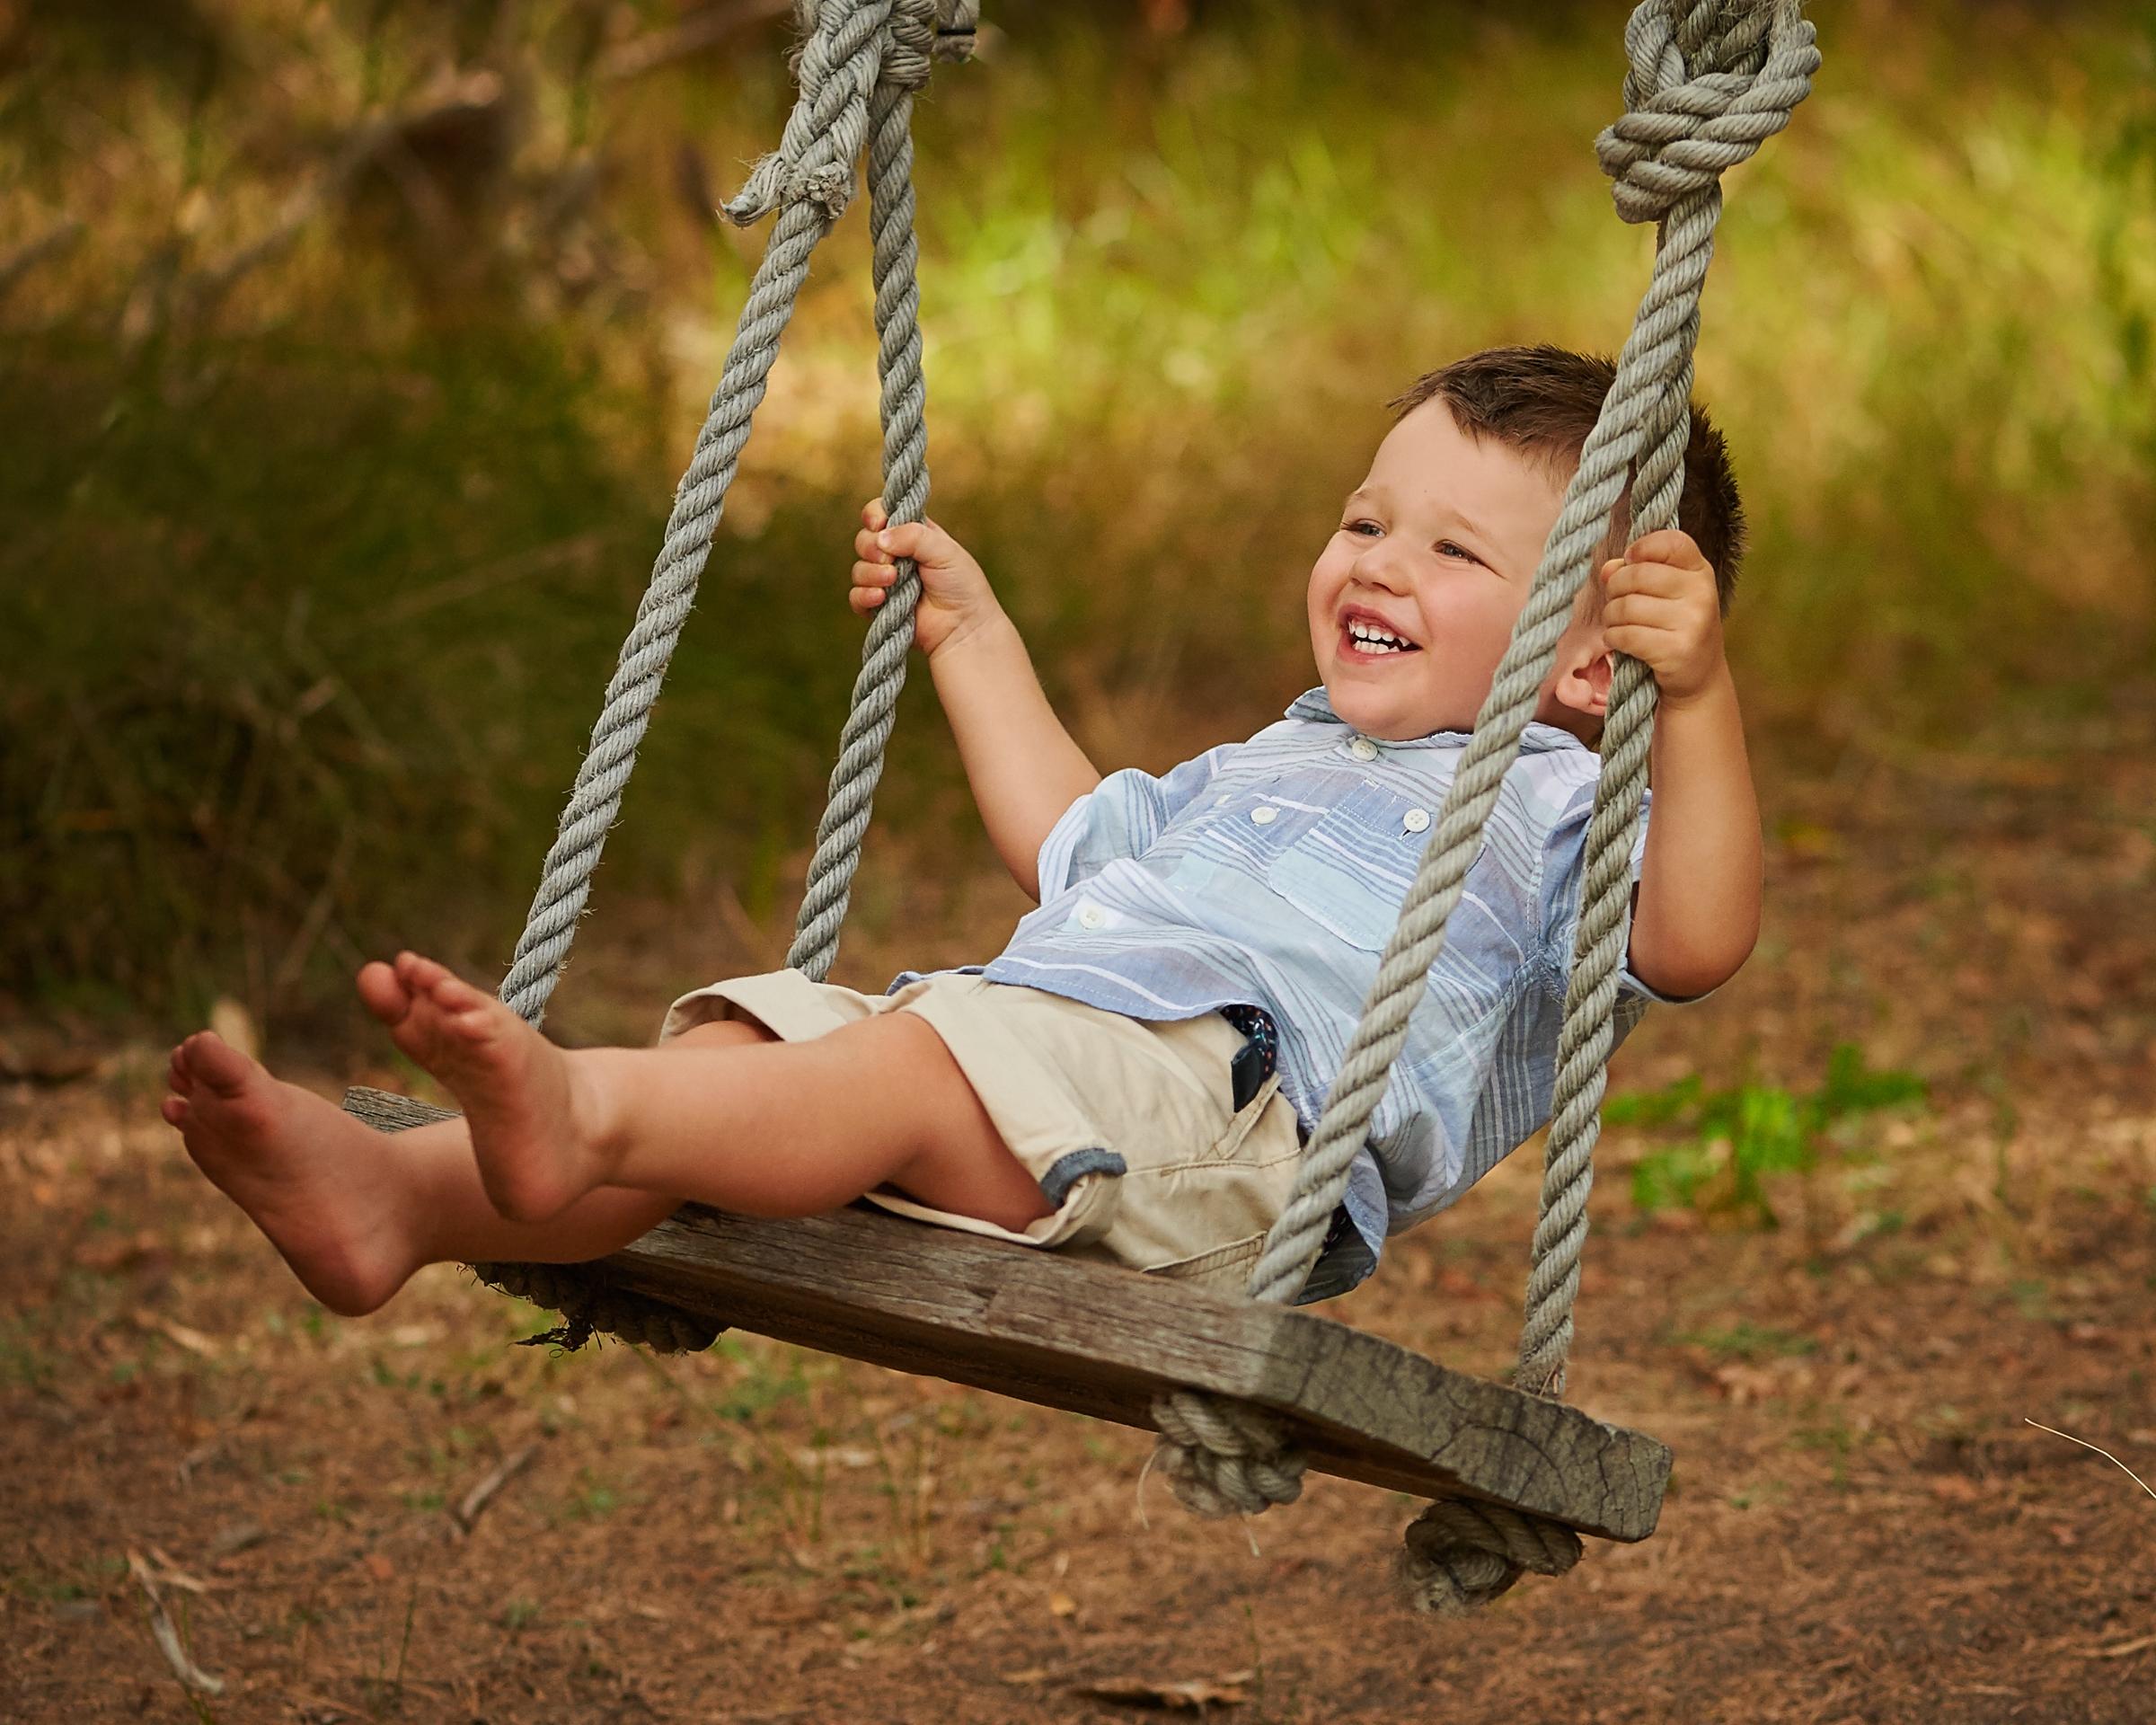 laughing swing kids